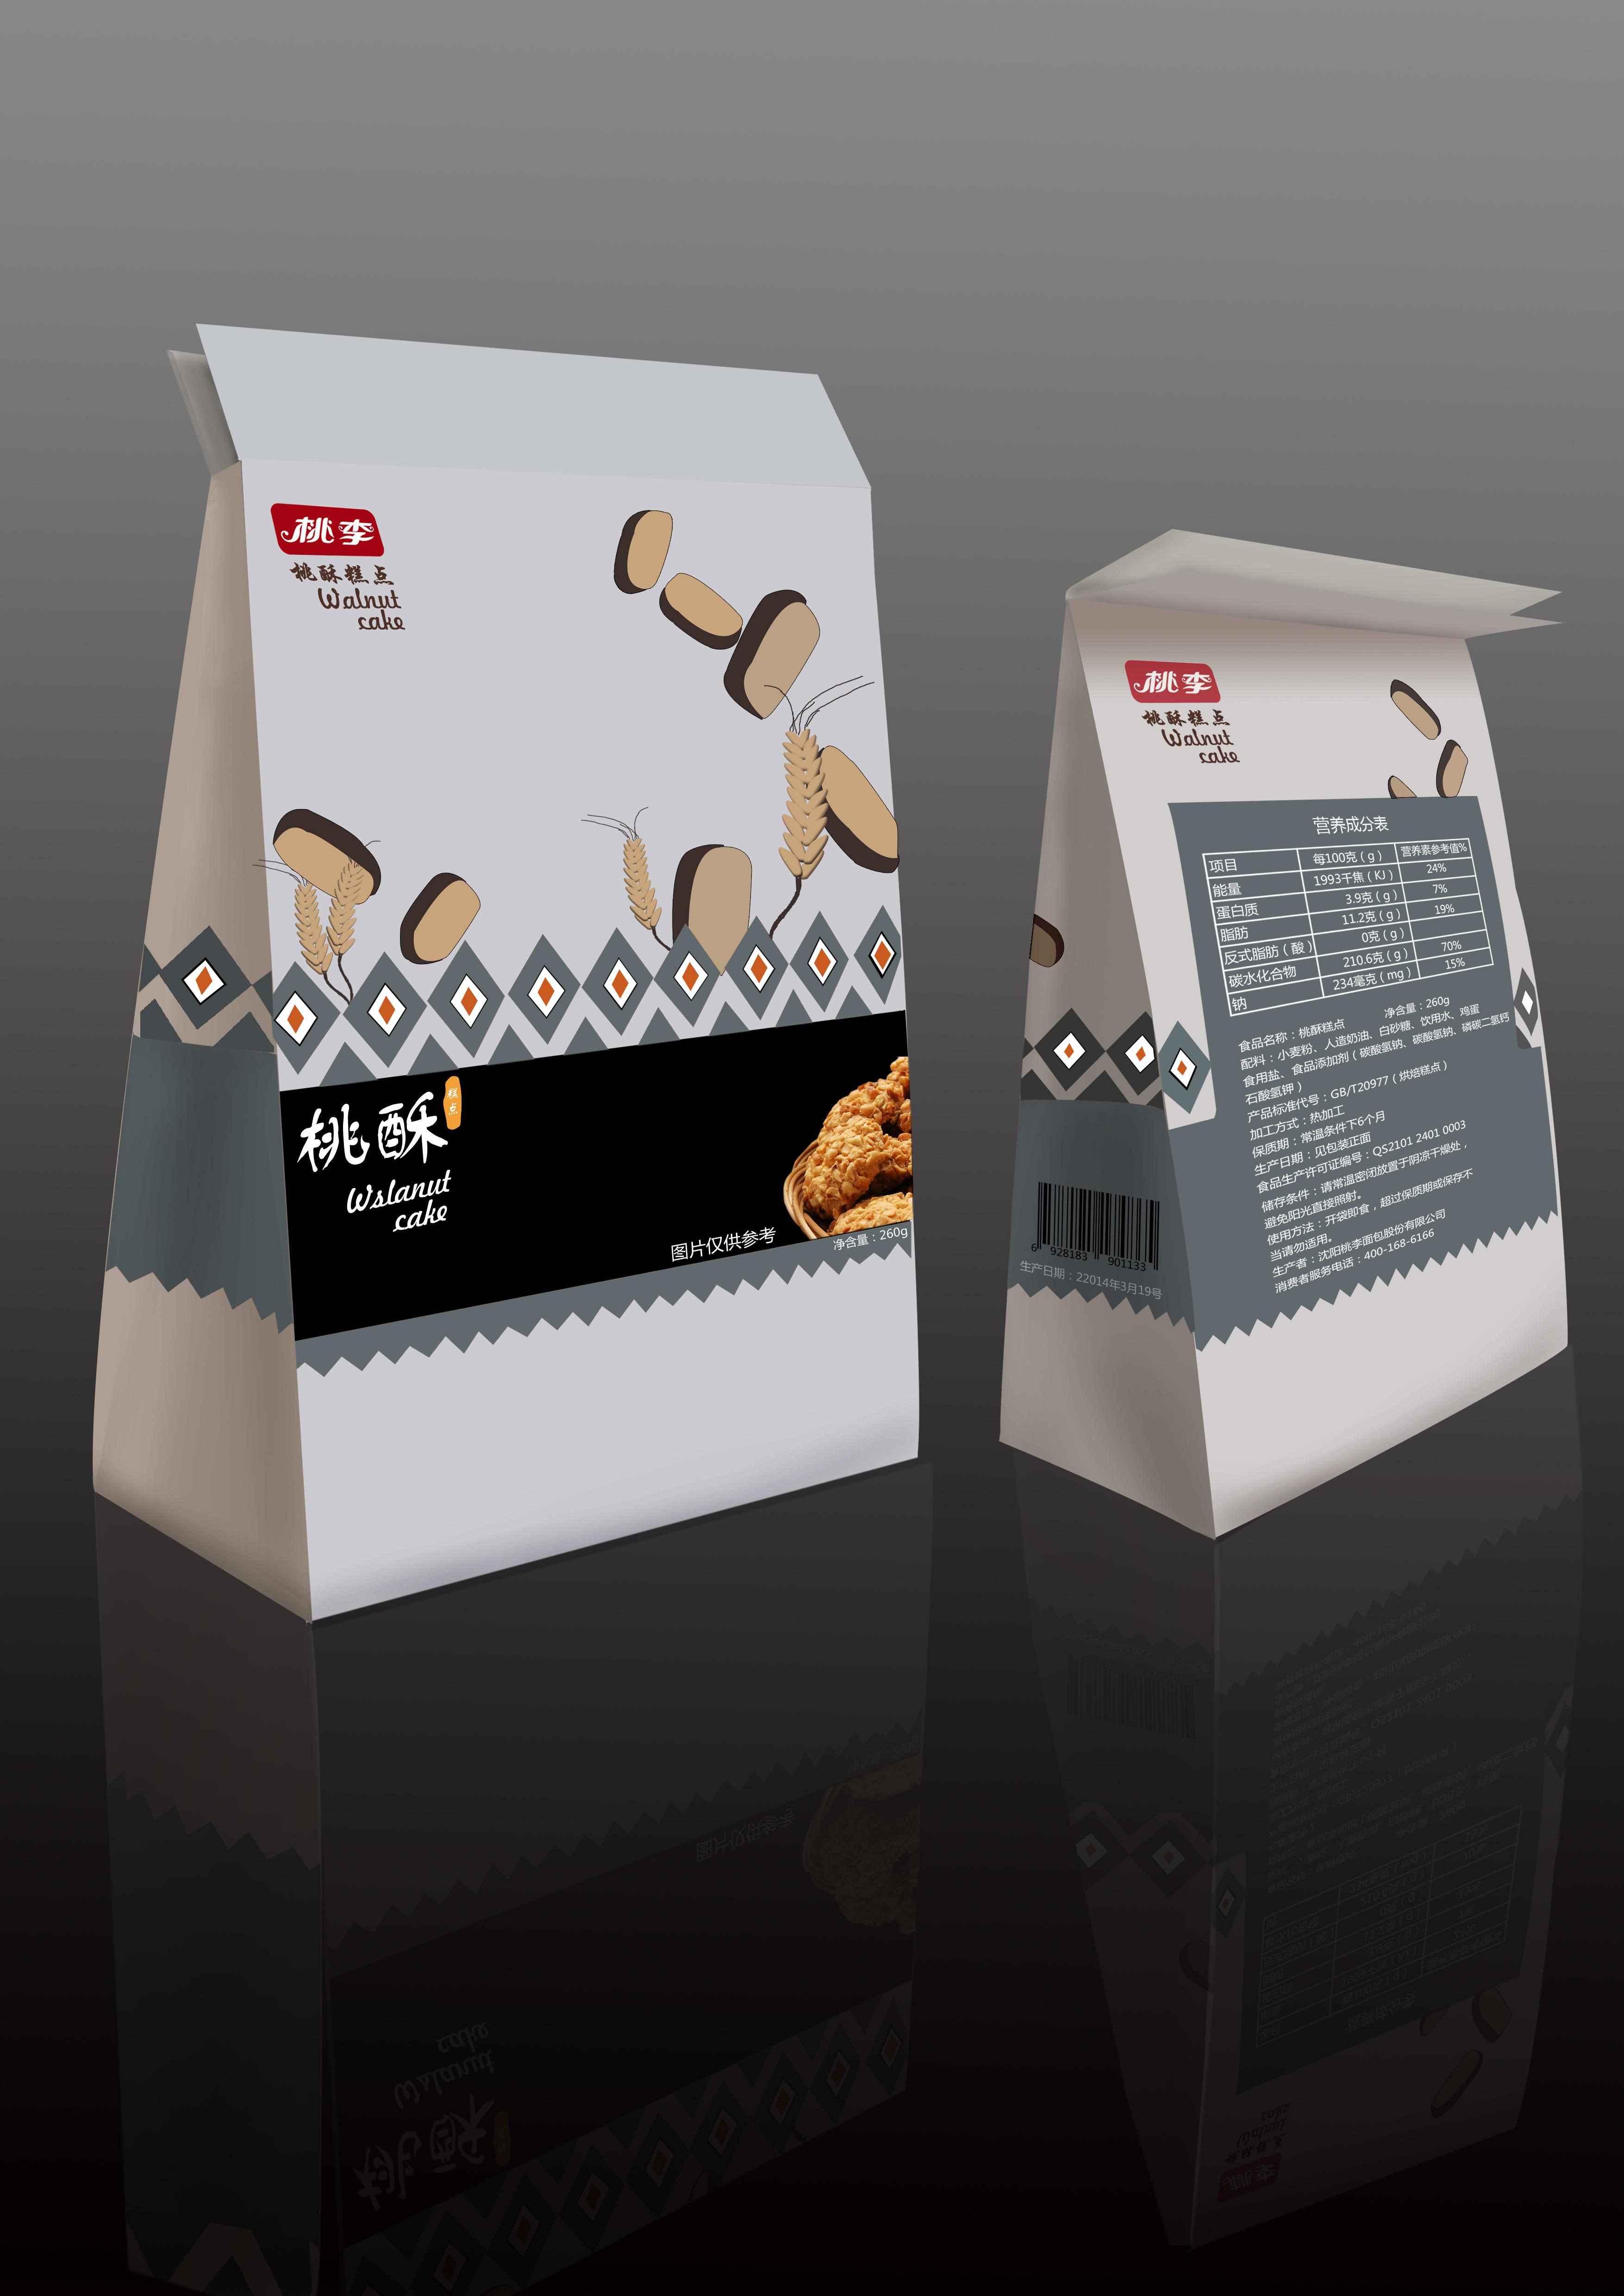 包装 包装设计 设计 3508_4961 竖版 竖屏图片